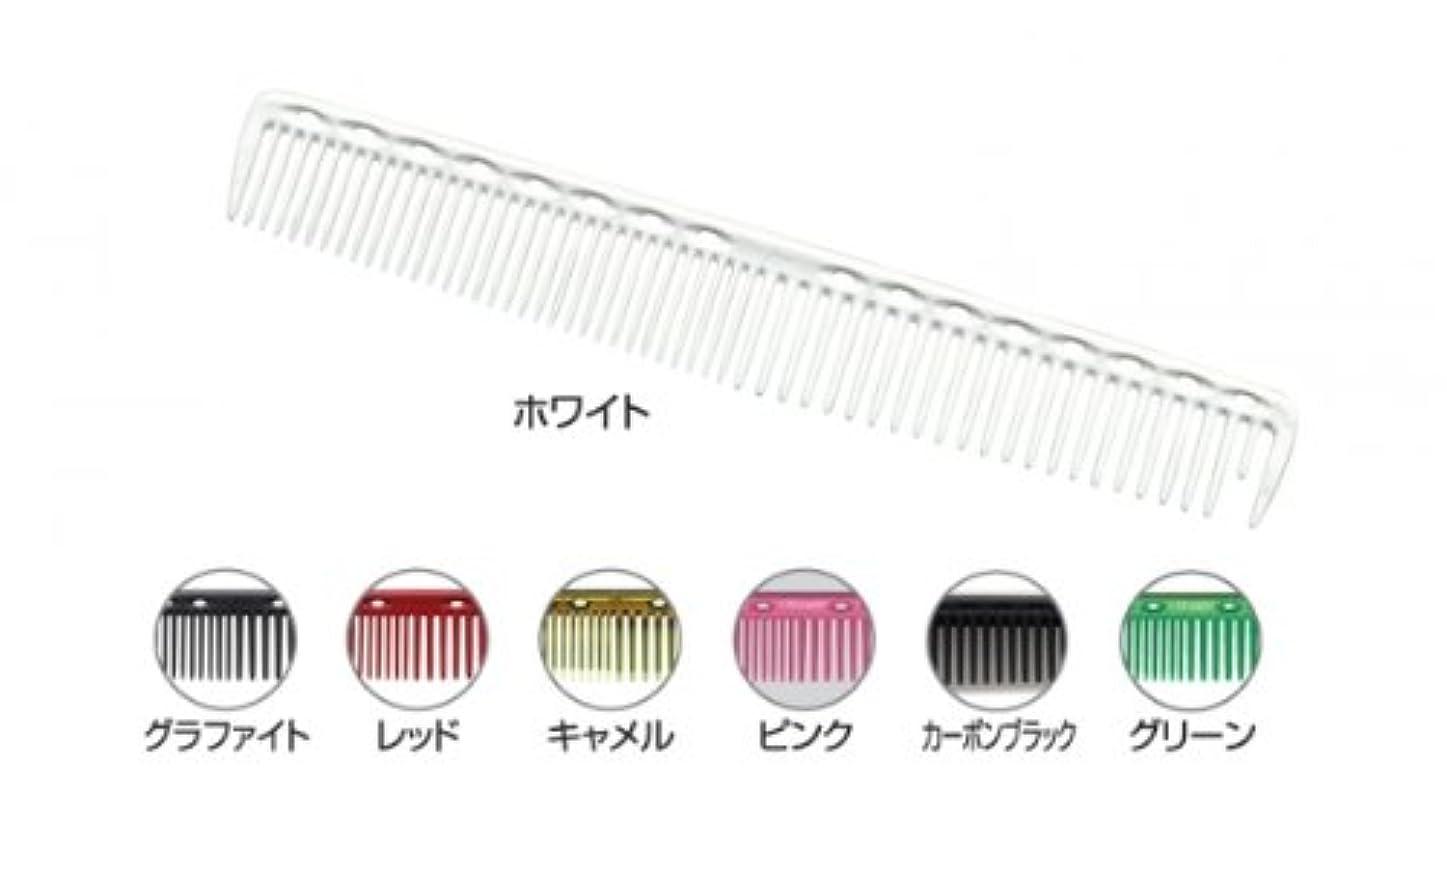 ペルソナモンクほのかY.S. PARK Professional ワイエスパーク プロフェッショナル / コーム CL337 ホワイト